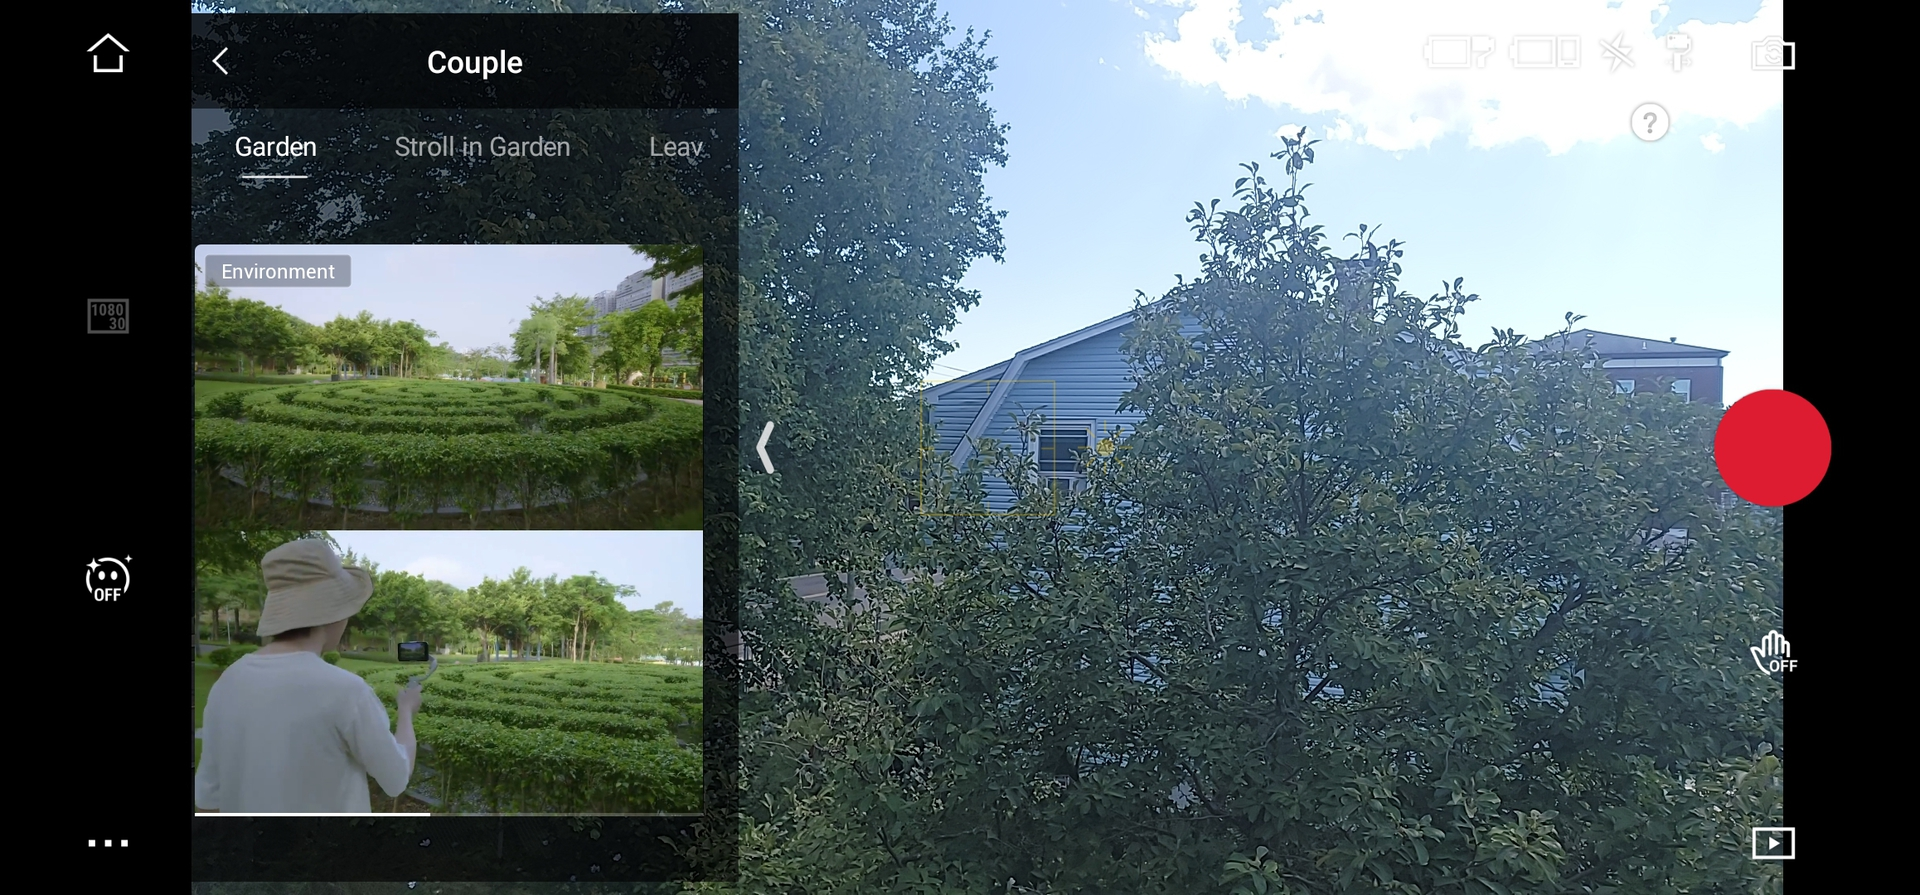 DJI Mimo Shot Guides Screenshot 3